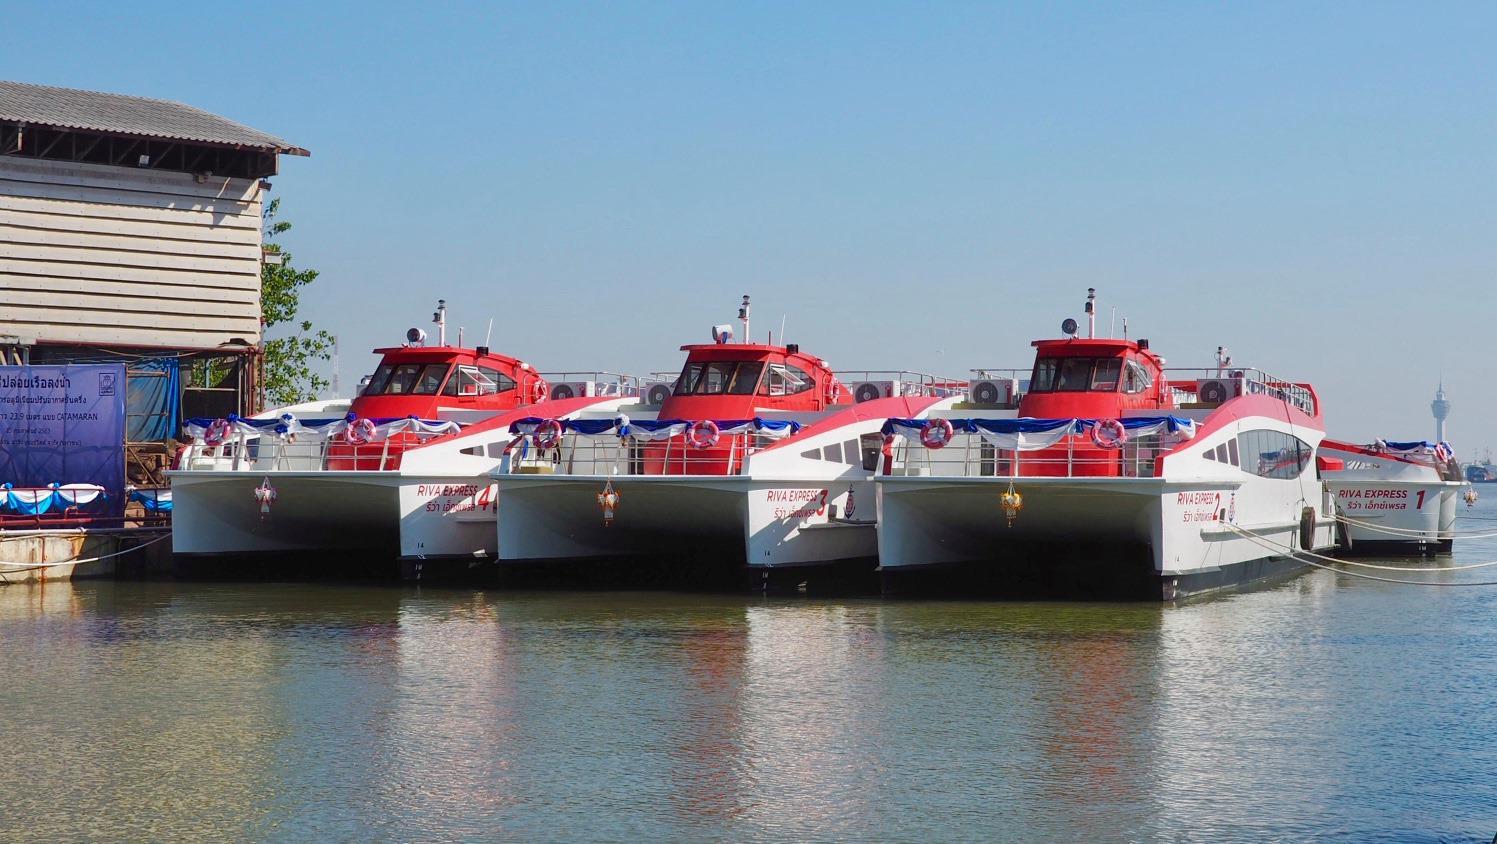 บริษัท เรือด่วนเจ้าพระยา จำกัด จัดพิธีปล่อยเรือ Riva Express ปรับอากาศ 4 ลำใหม่ลงน้ำแล้วในวันนี้